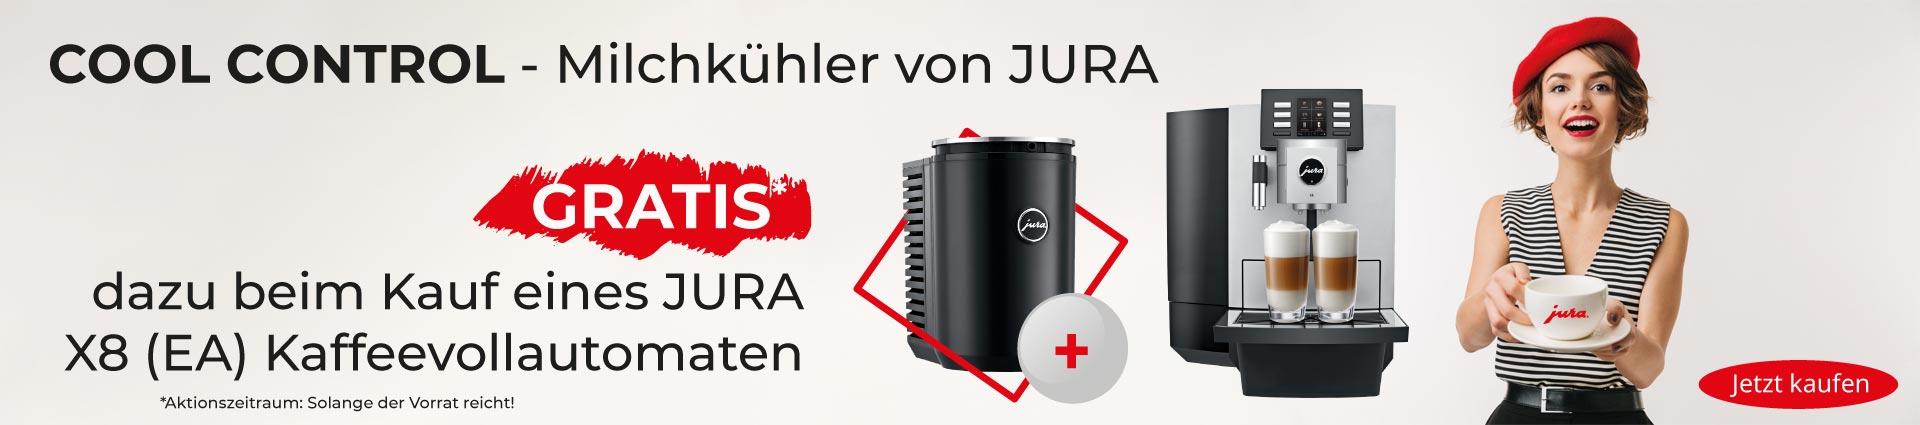 JURA X8 Platin mit Milchkühler Banner